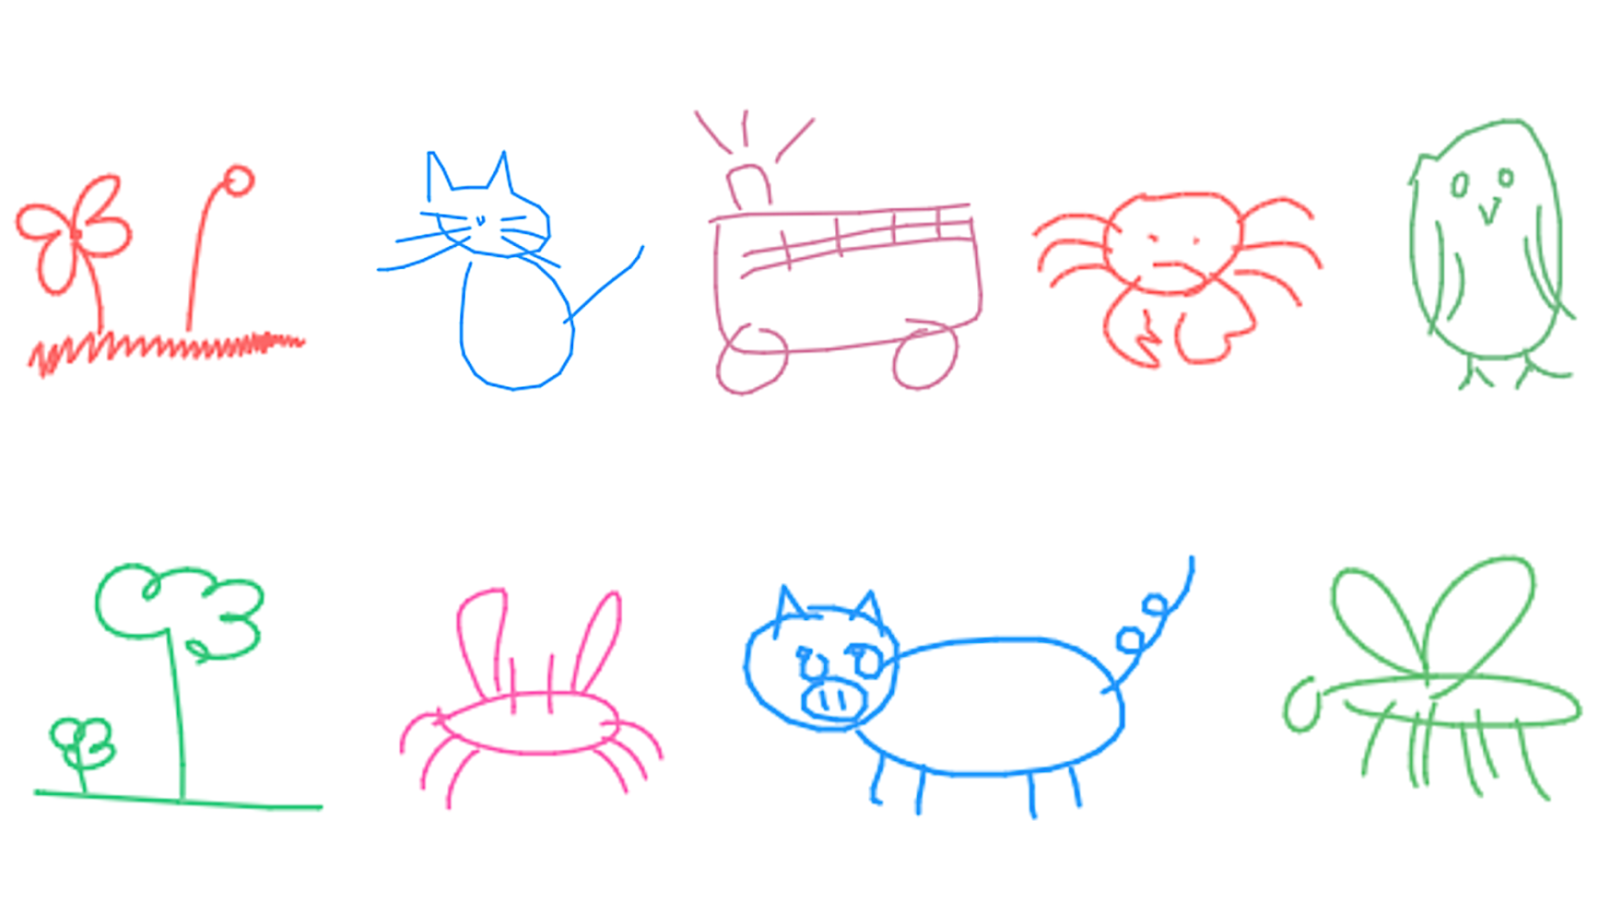 نمونه نقاشی های کشیده شده توسط هوش مصنوعی